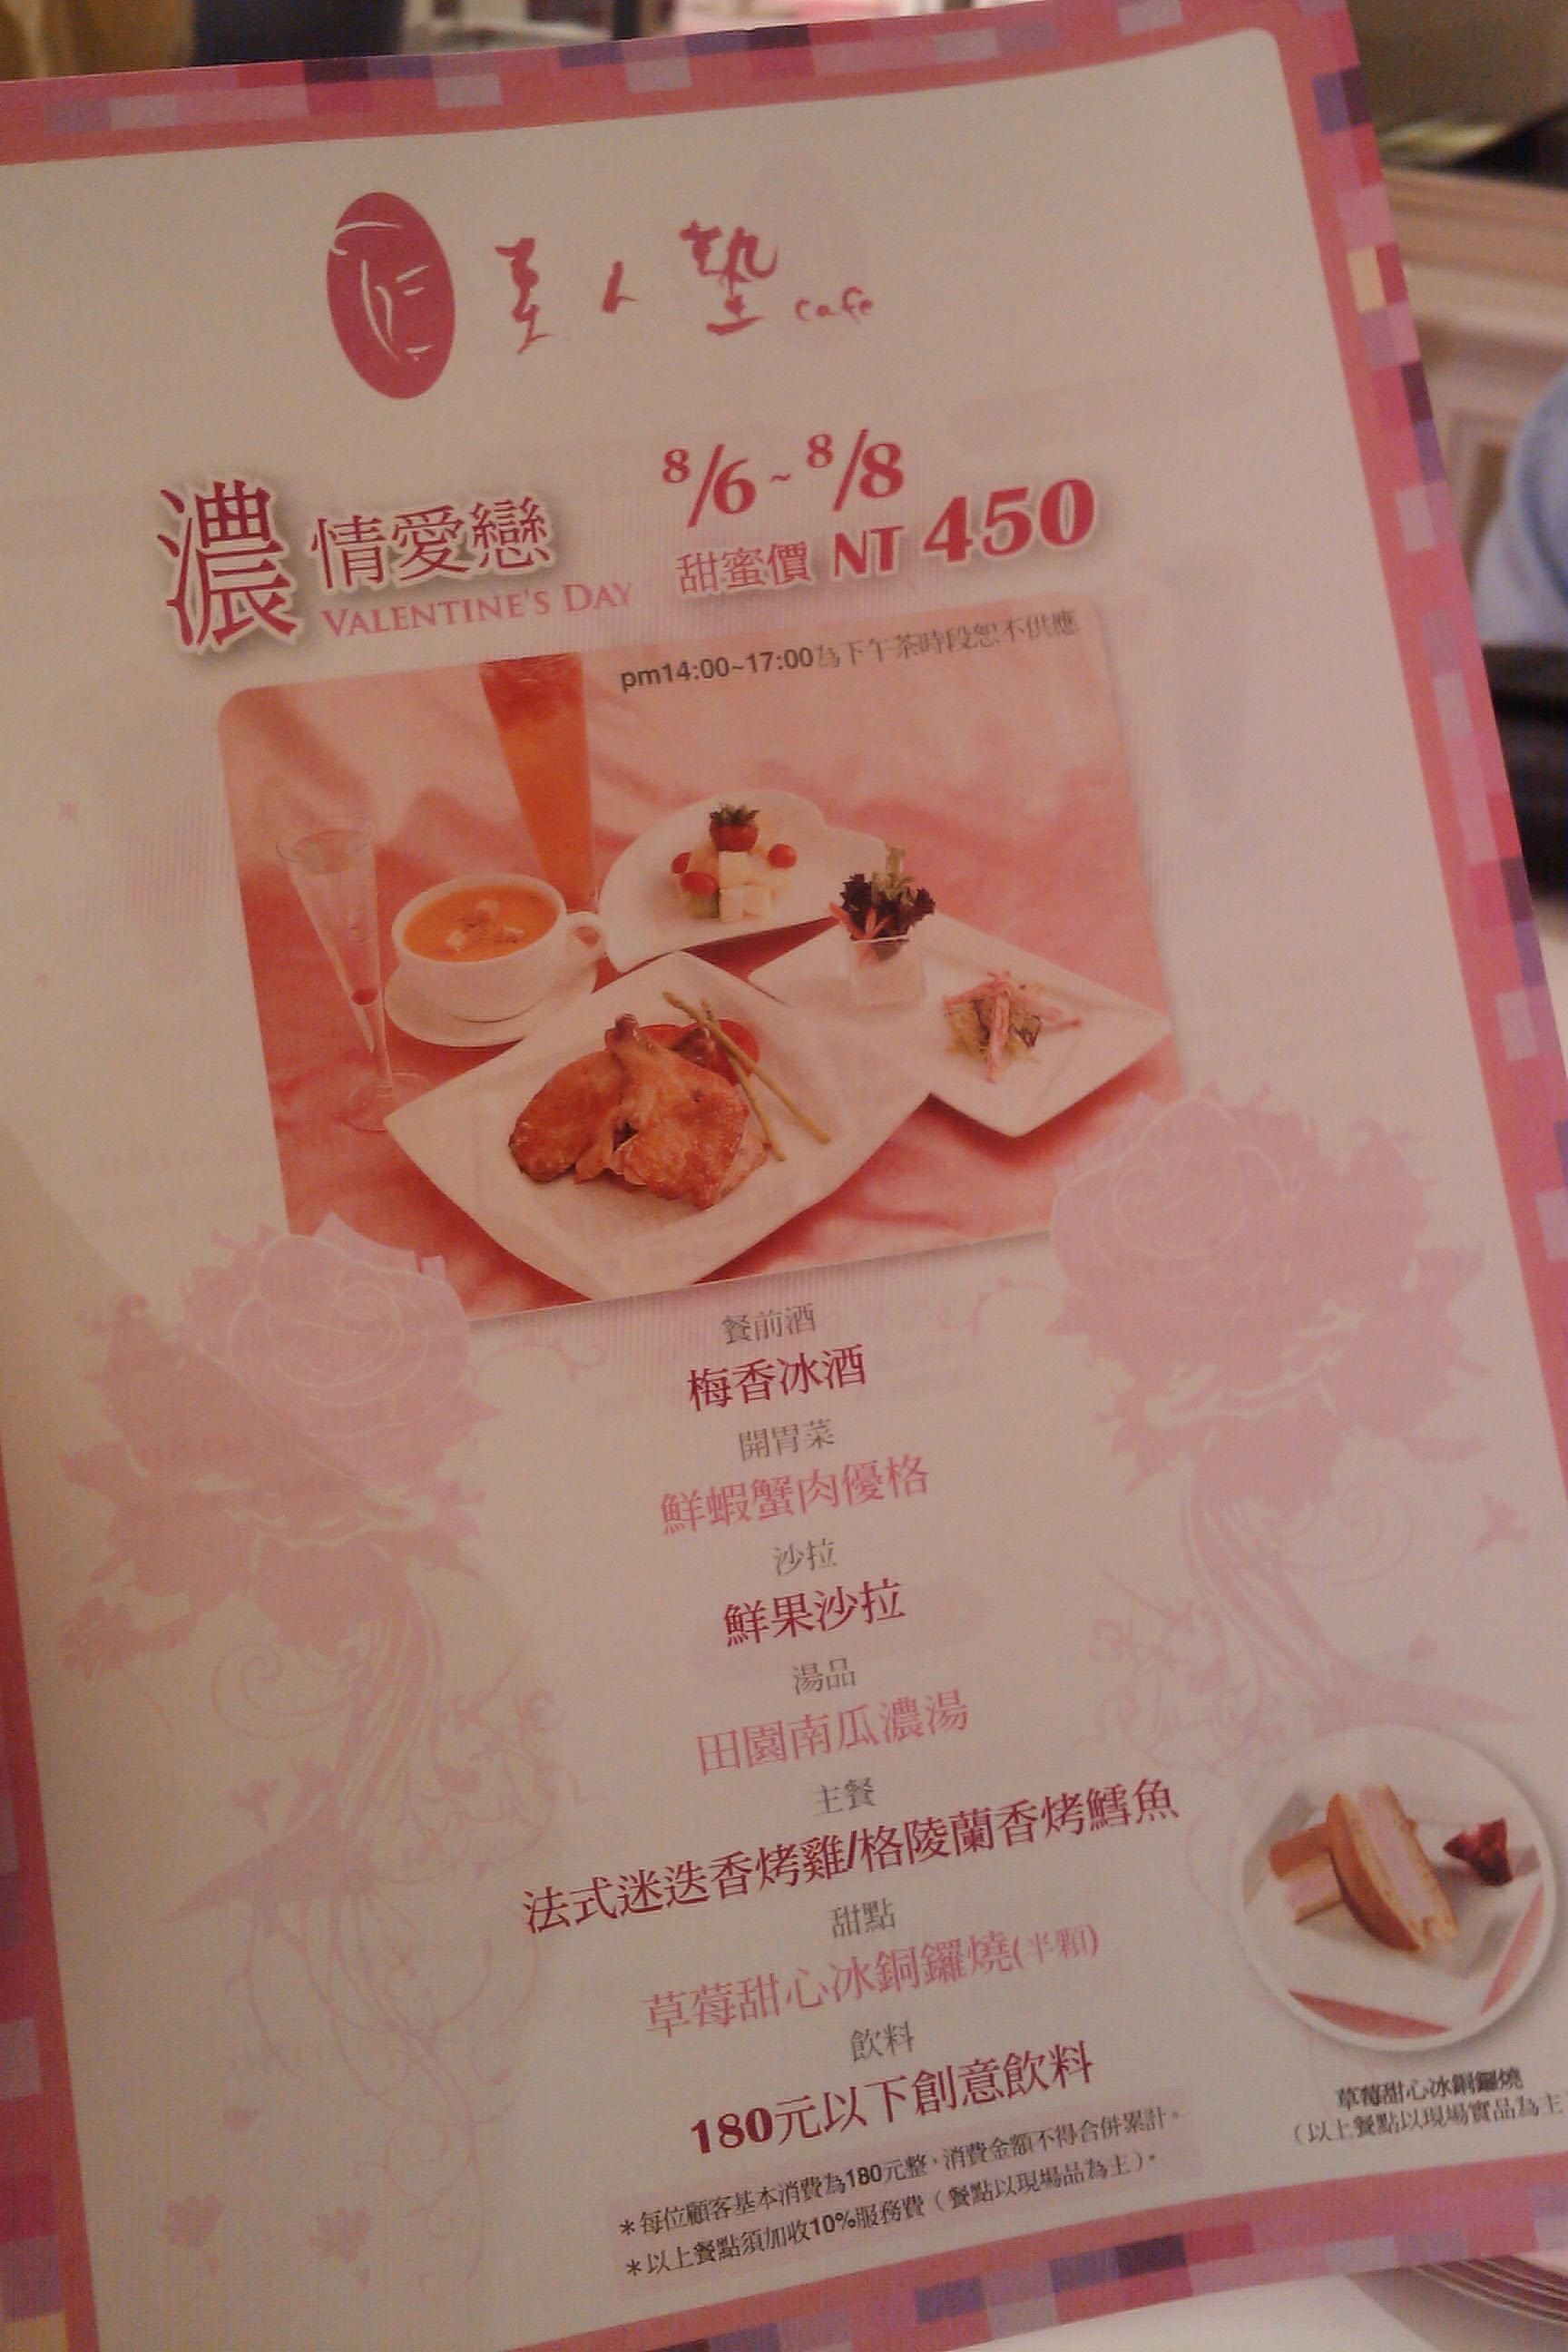 好像是情人節特餐的 menu?